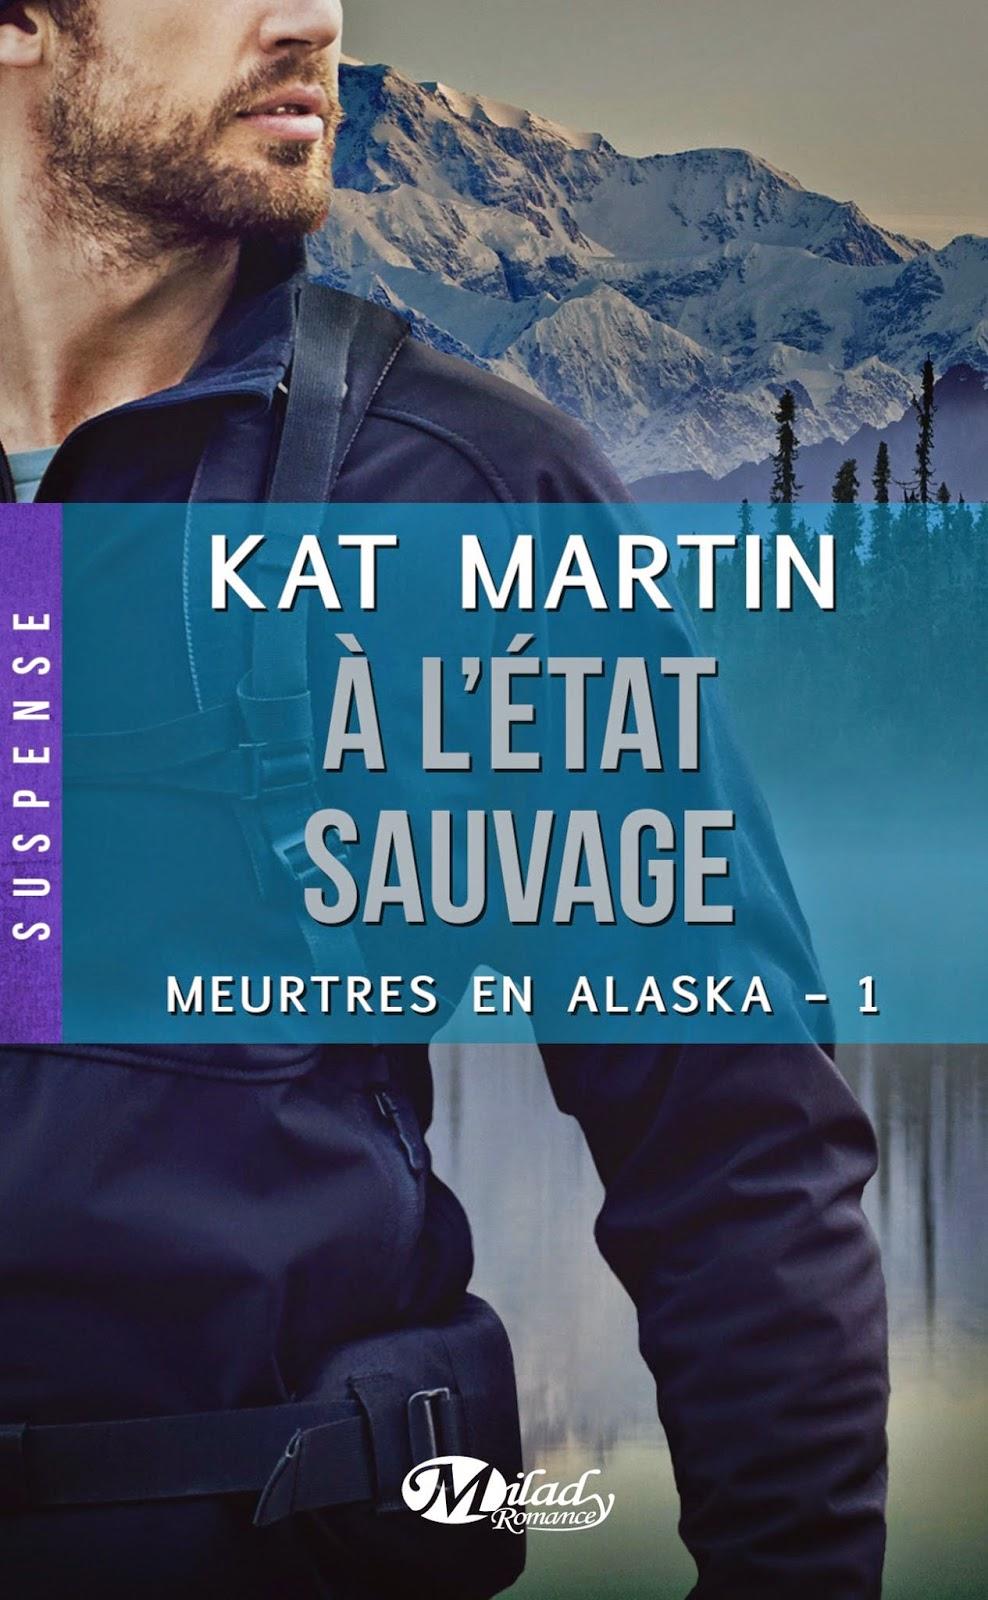 http://lachroniquedespassions.blogspot.fr/2014/11/meurtres-en-alaska-tome-1-letat-sauvage.html